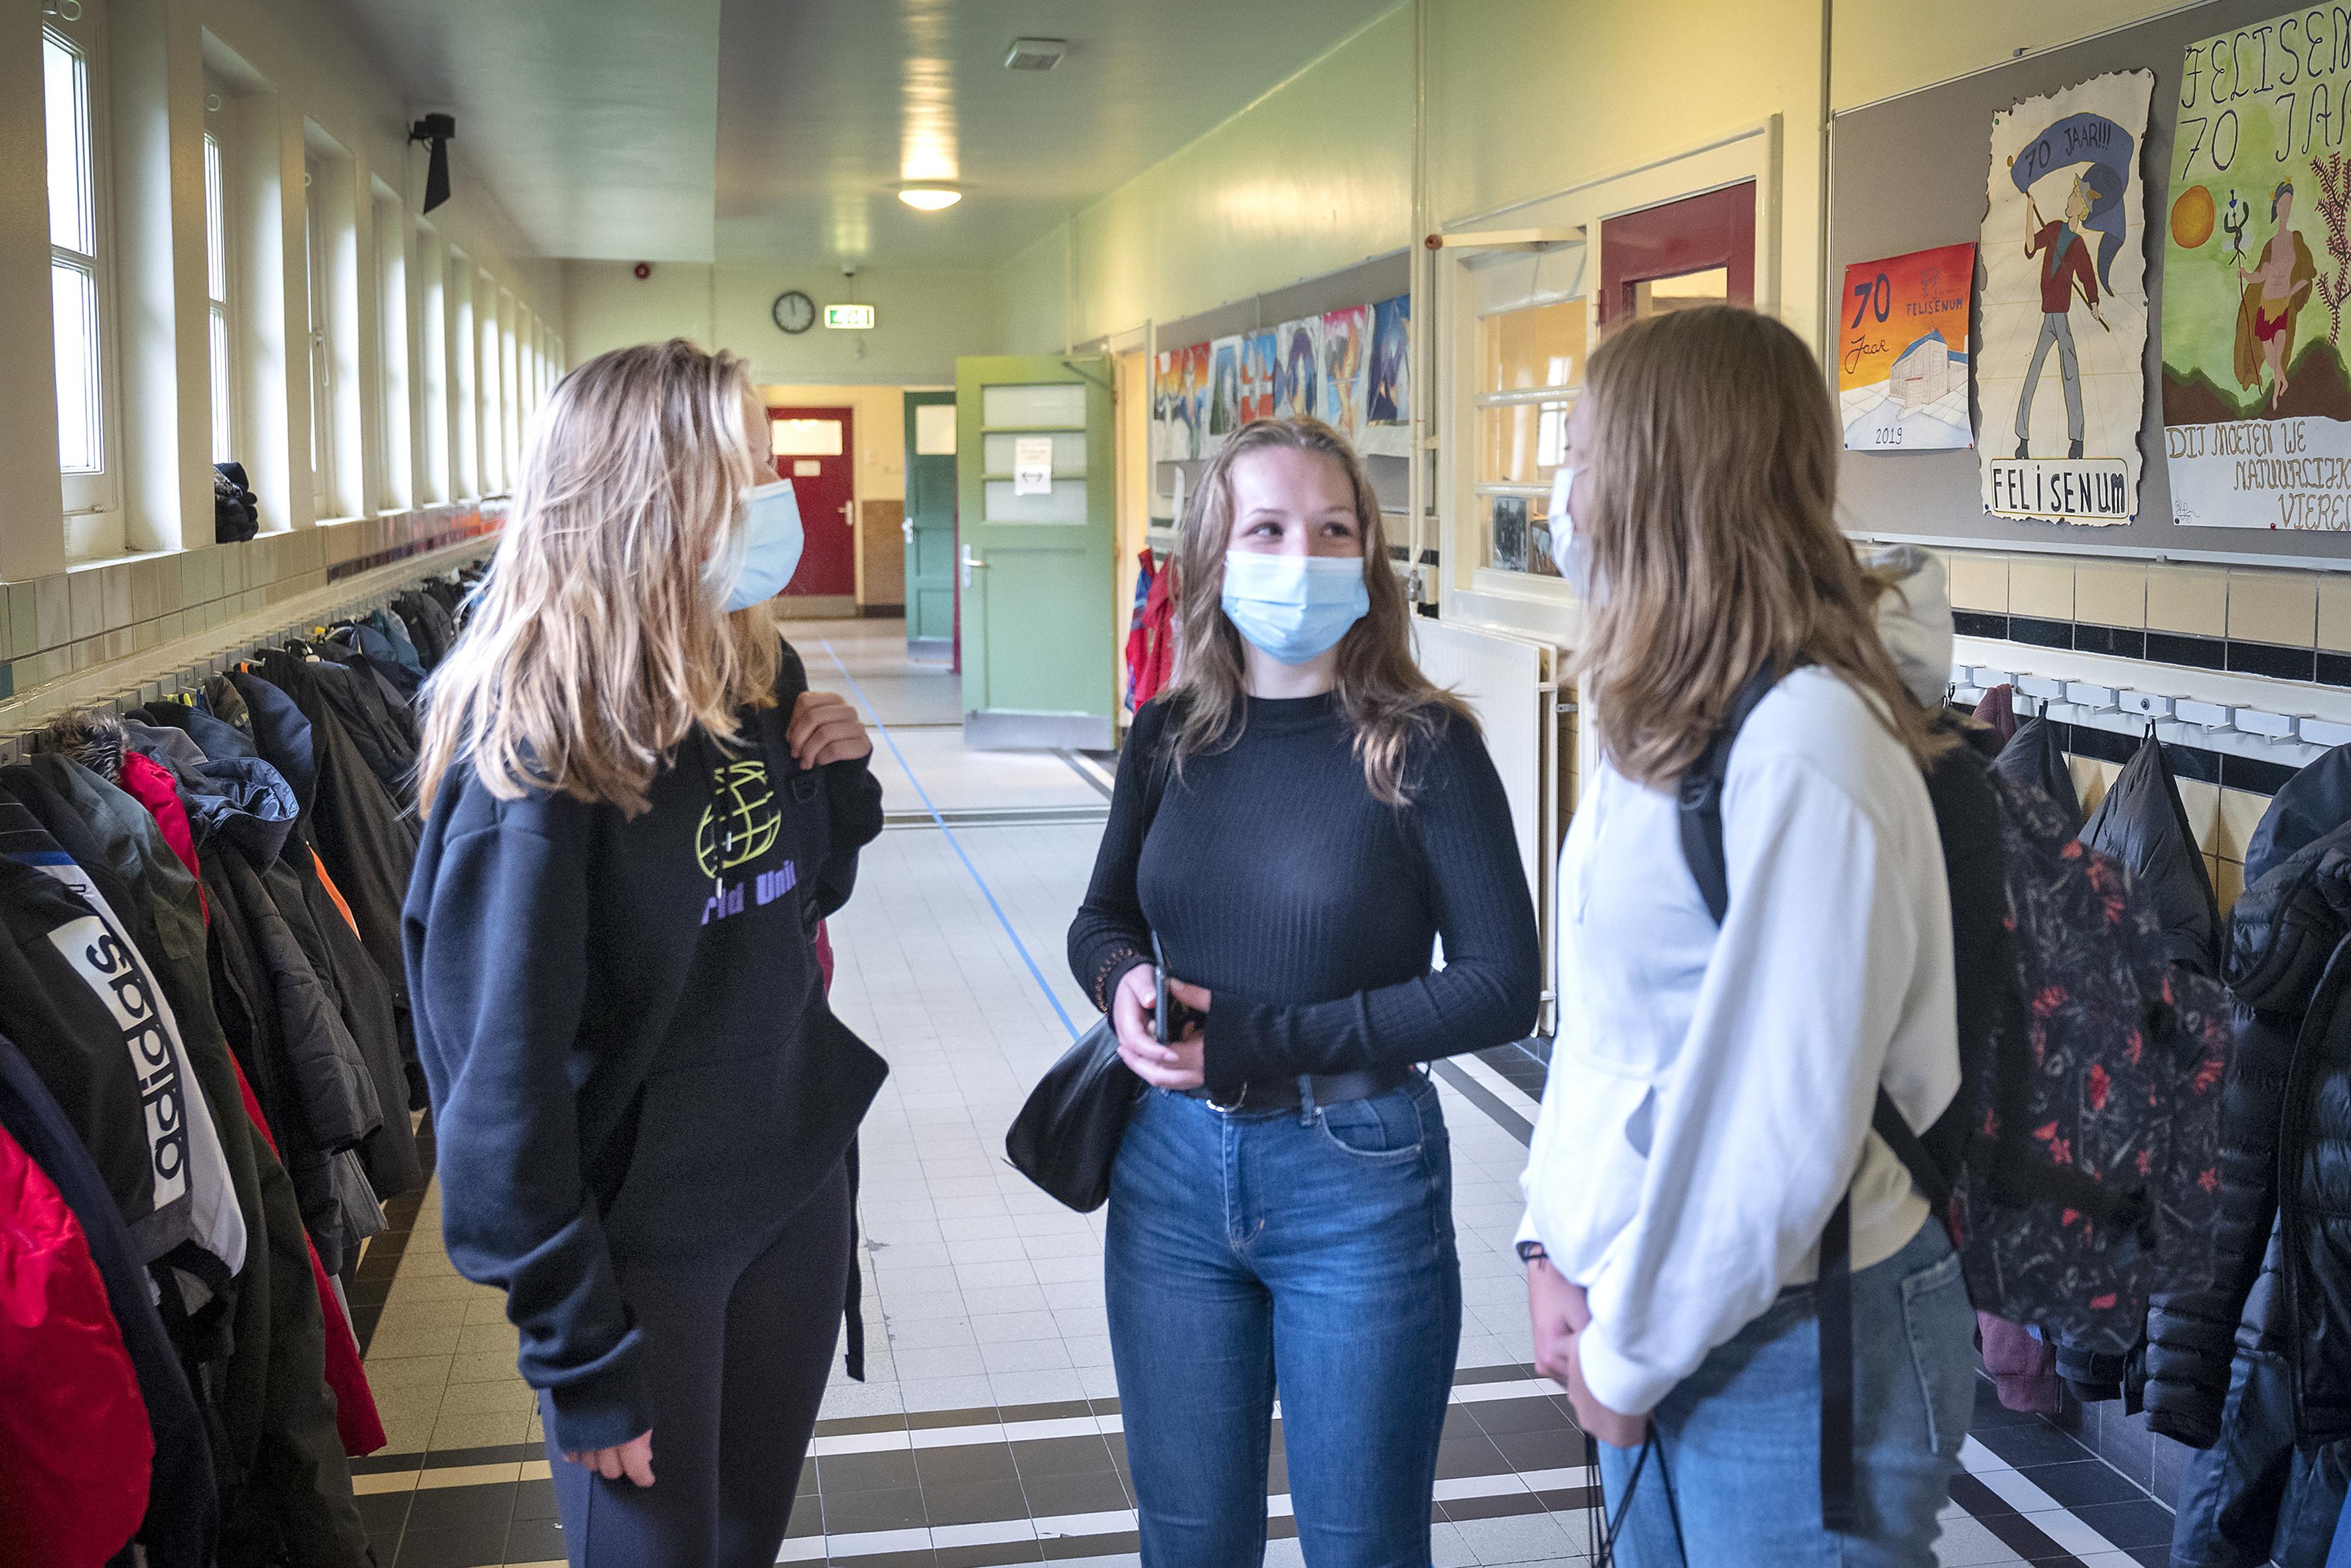 Middelbare scholieren IJmond moeten zelf voor mondkapje zorgen: 'Het is minder vervelend, omdat het voor iedereen geldt'